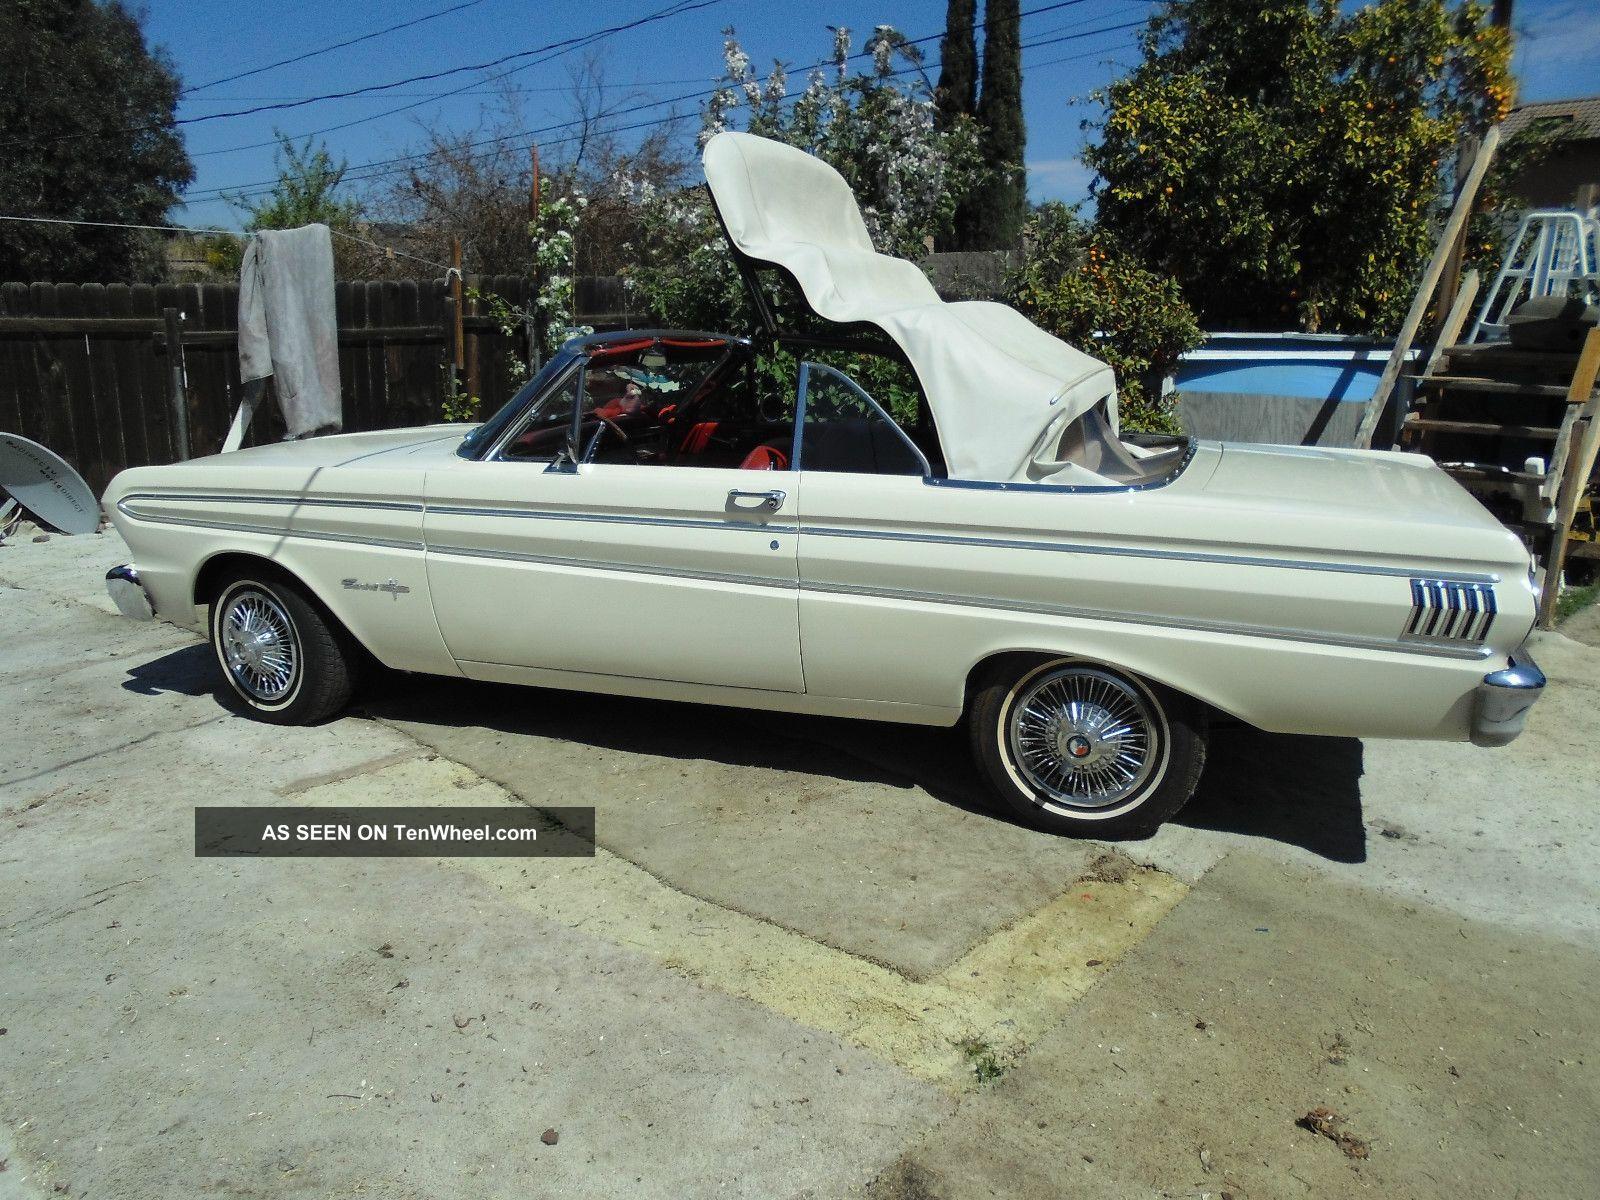 1964 Ford Falcon Futura Sprint V6